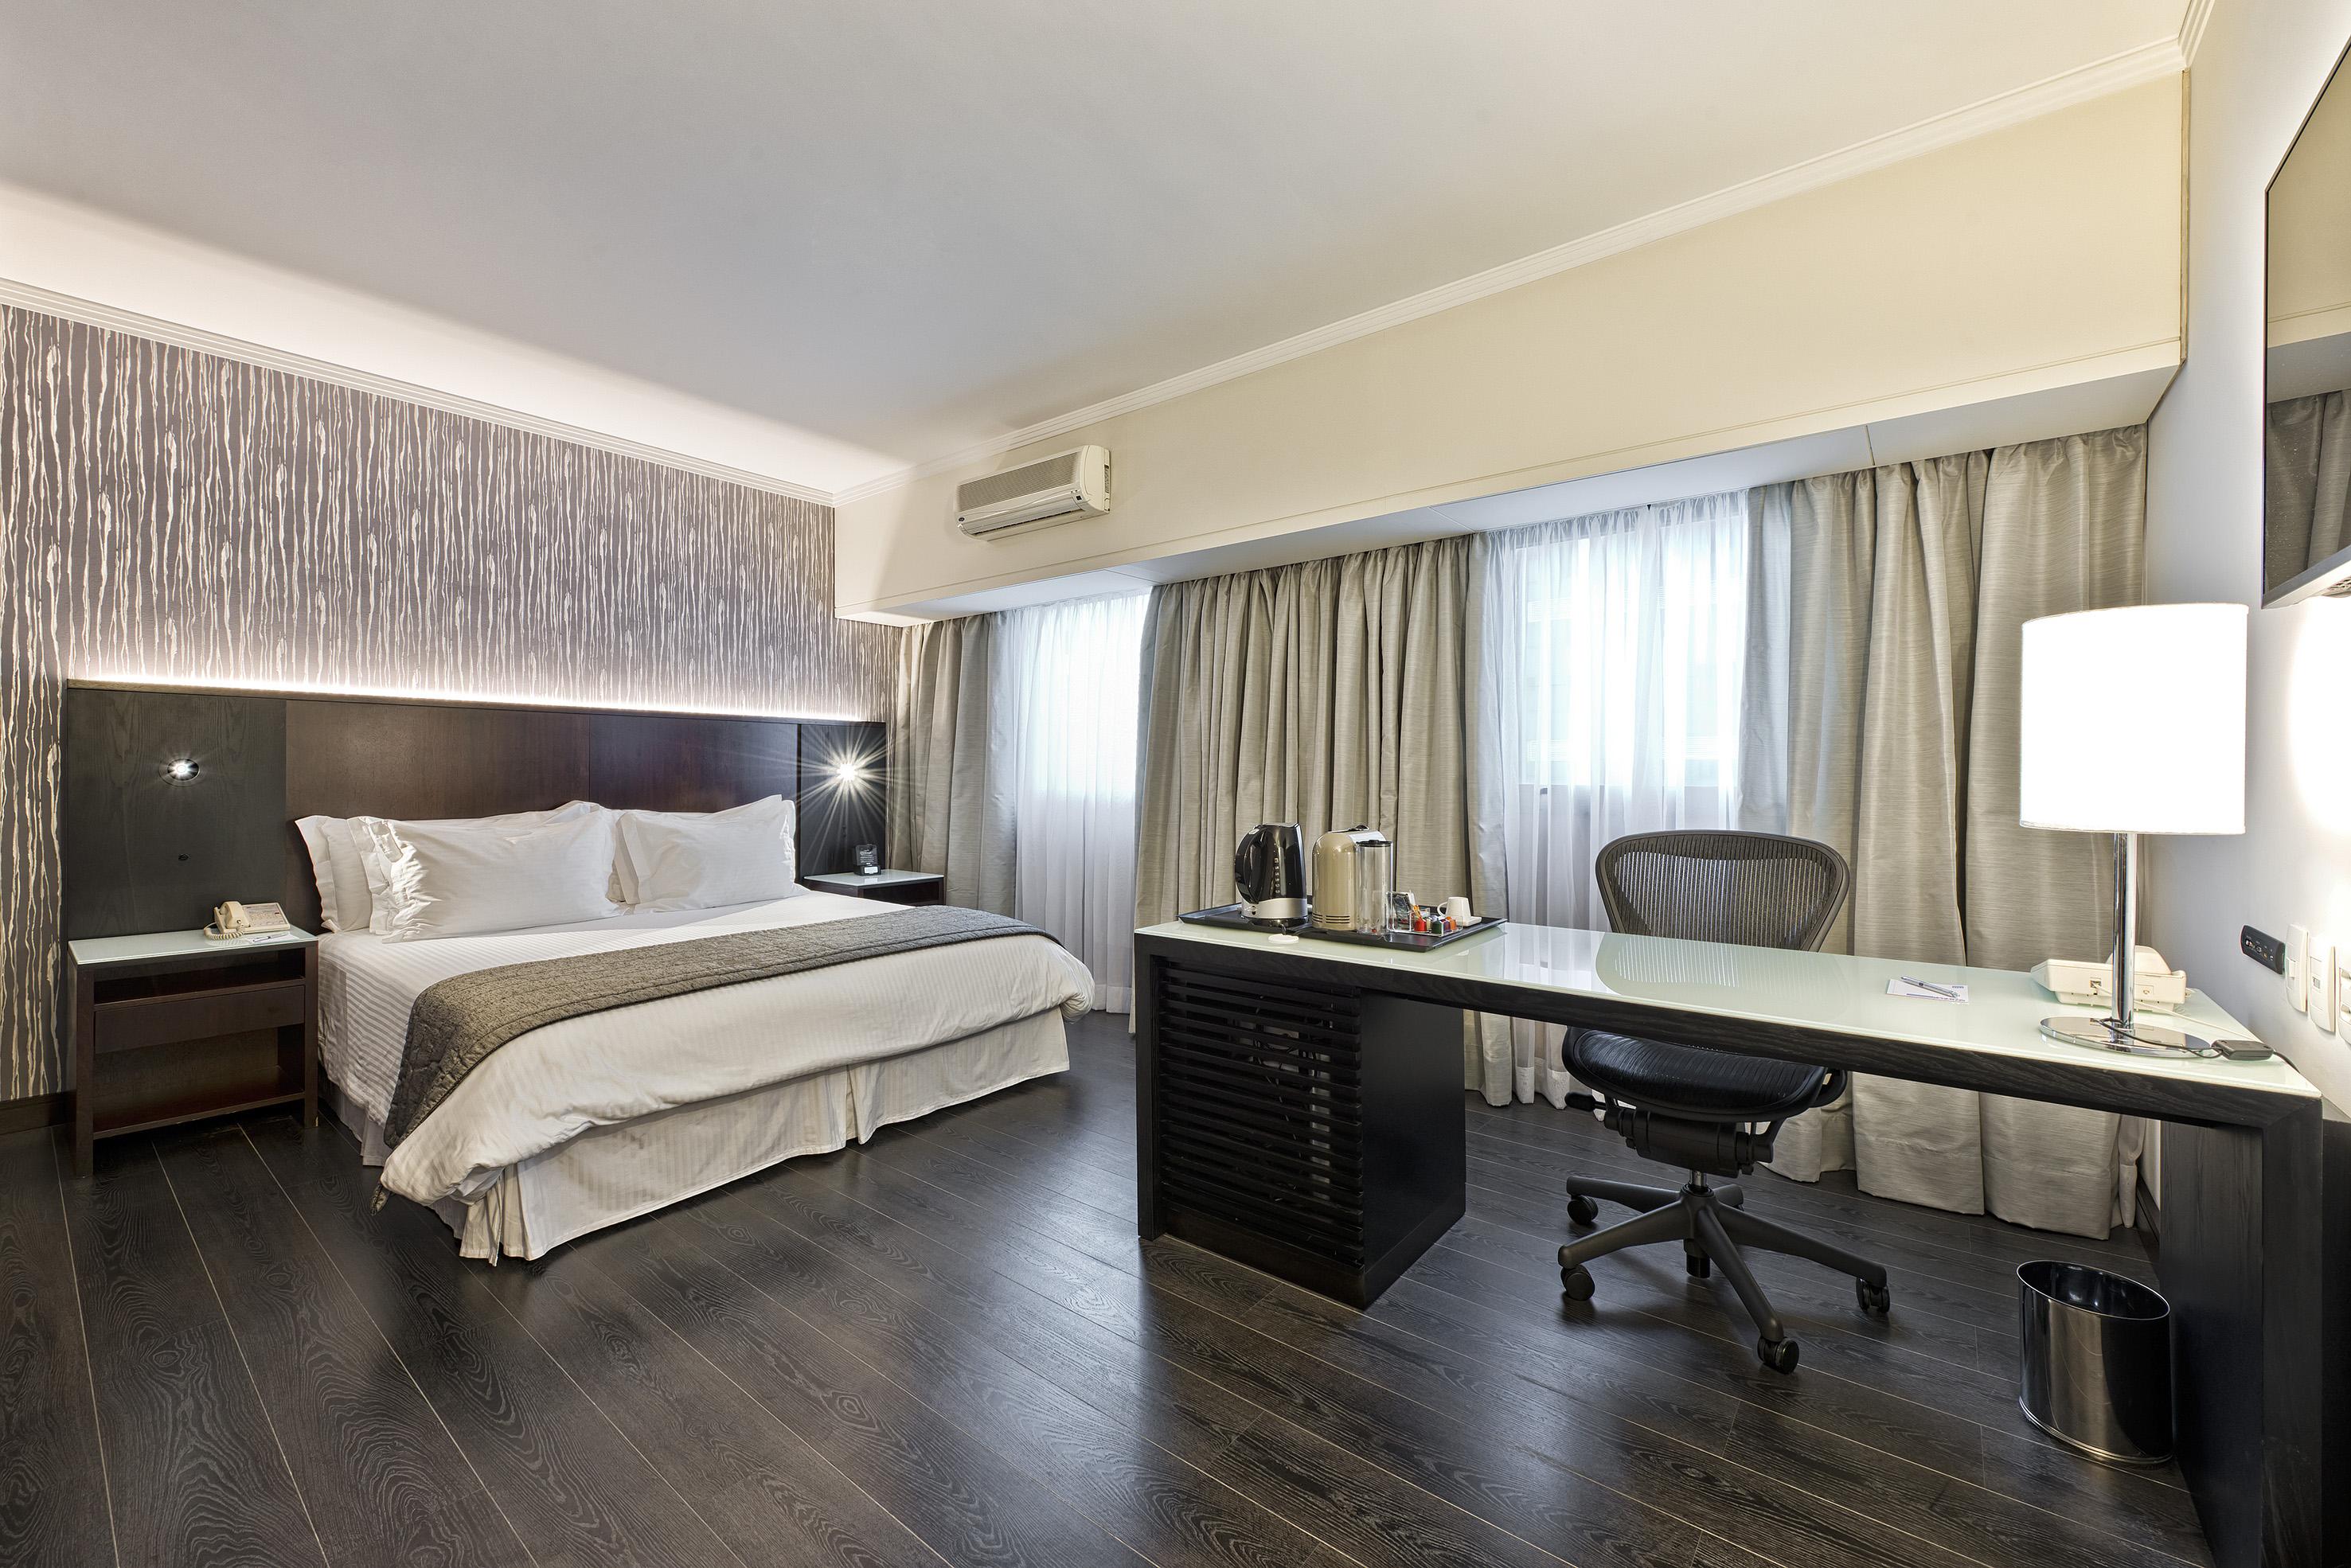 Hotel São Paulo Iguatemi By Melia